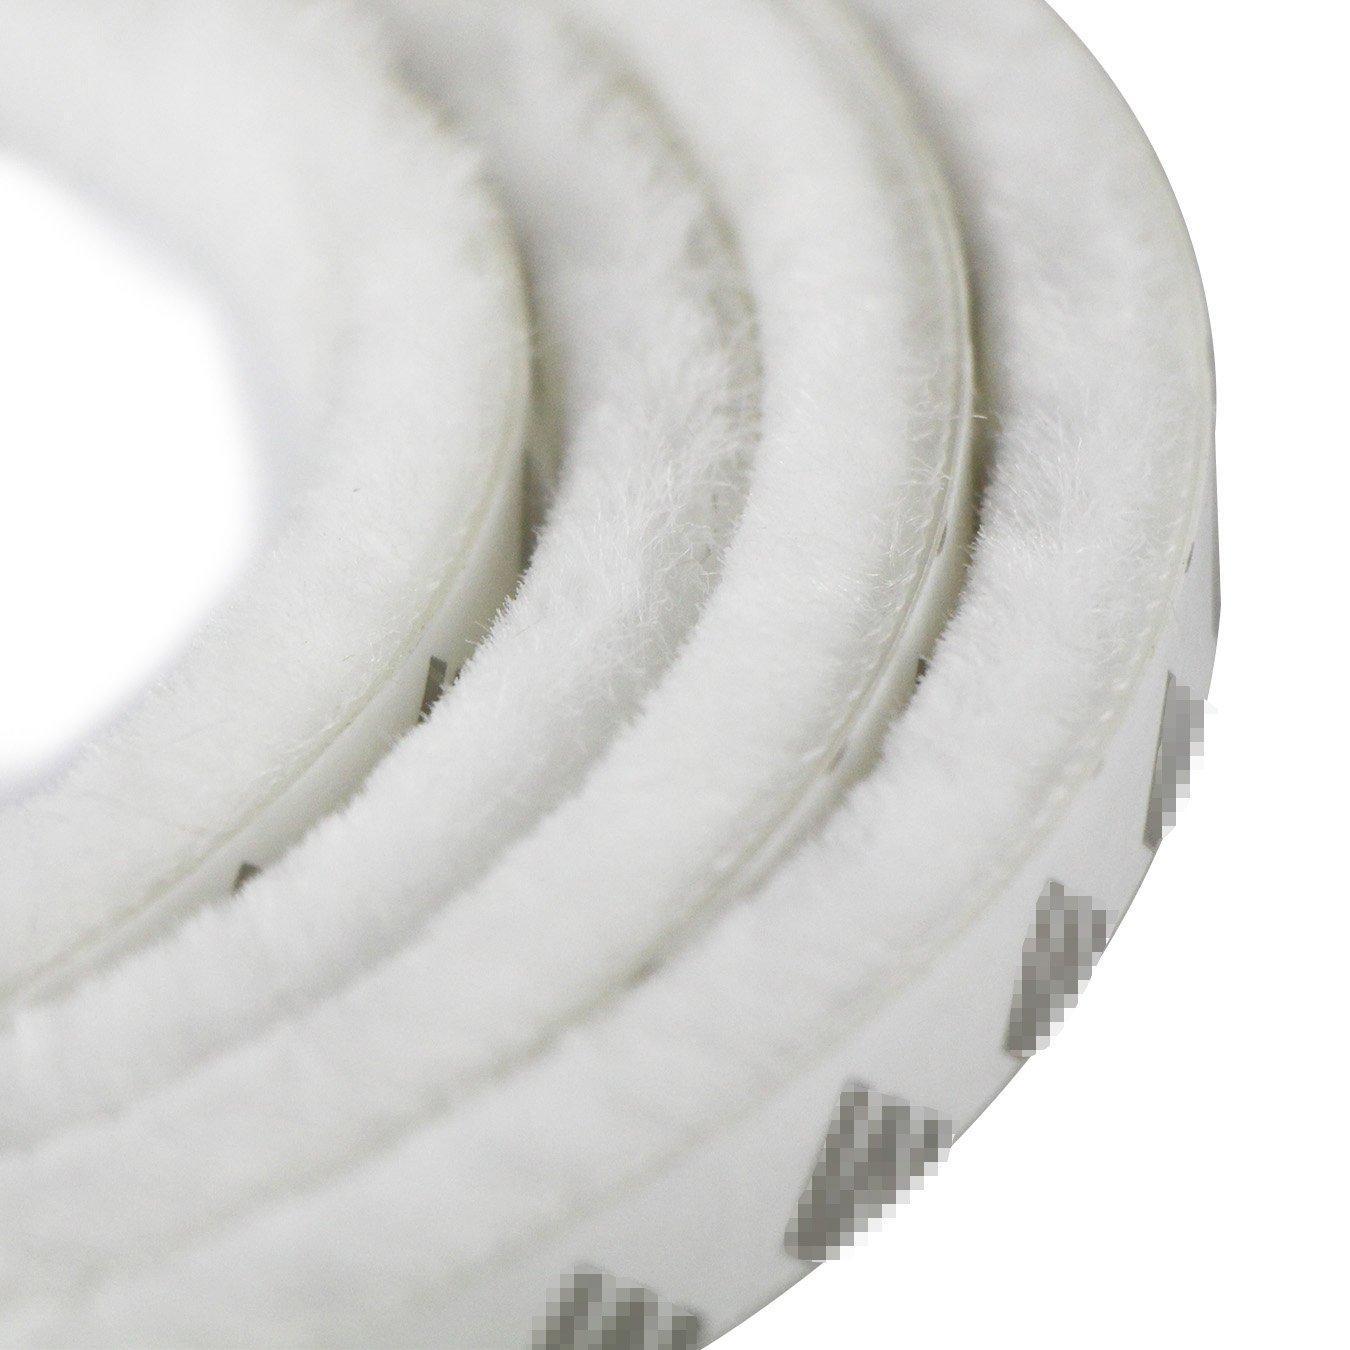 UOOOM 10m Door Window Self Adhesive Brush Strip Pile Windproof Dustproof Weather Strip Seal (Pile Height: 15mm (for gaps 7.5 - 13 mm), White)